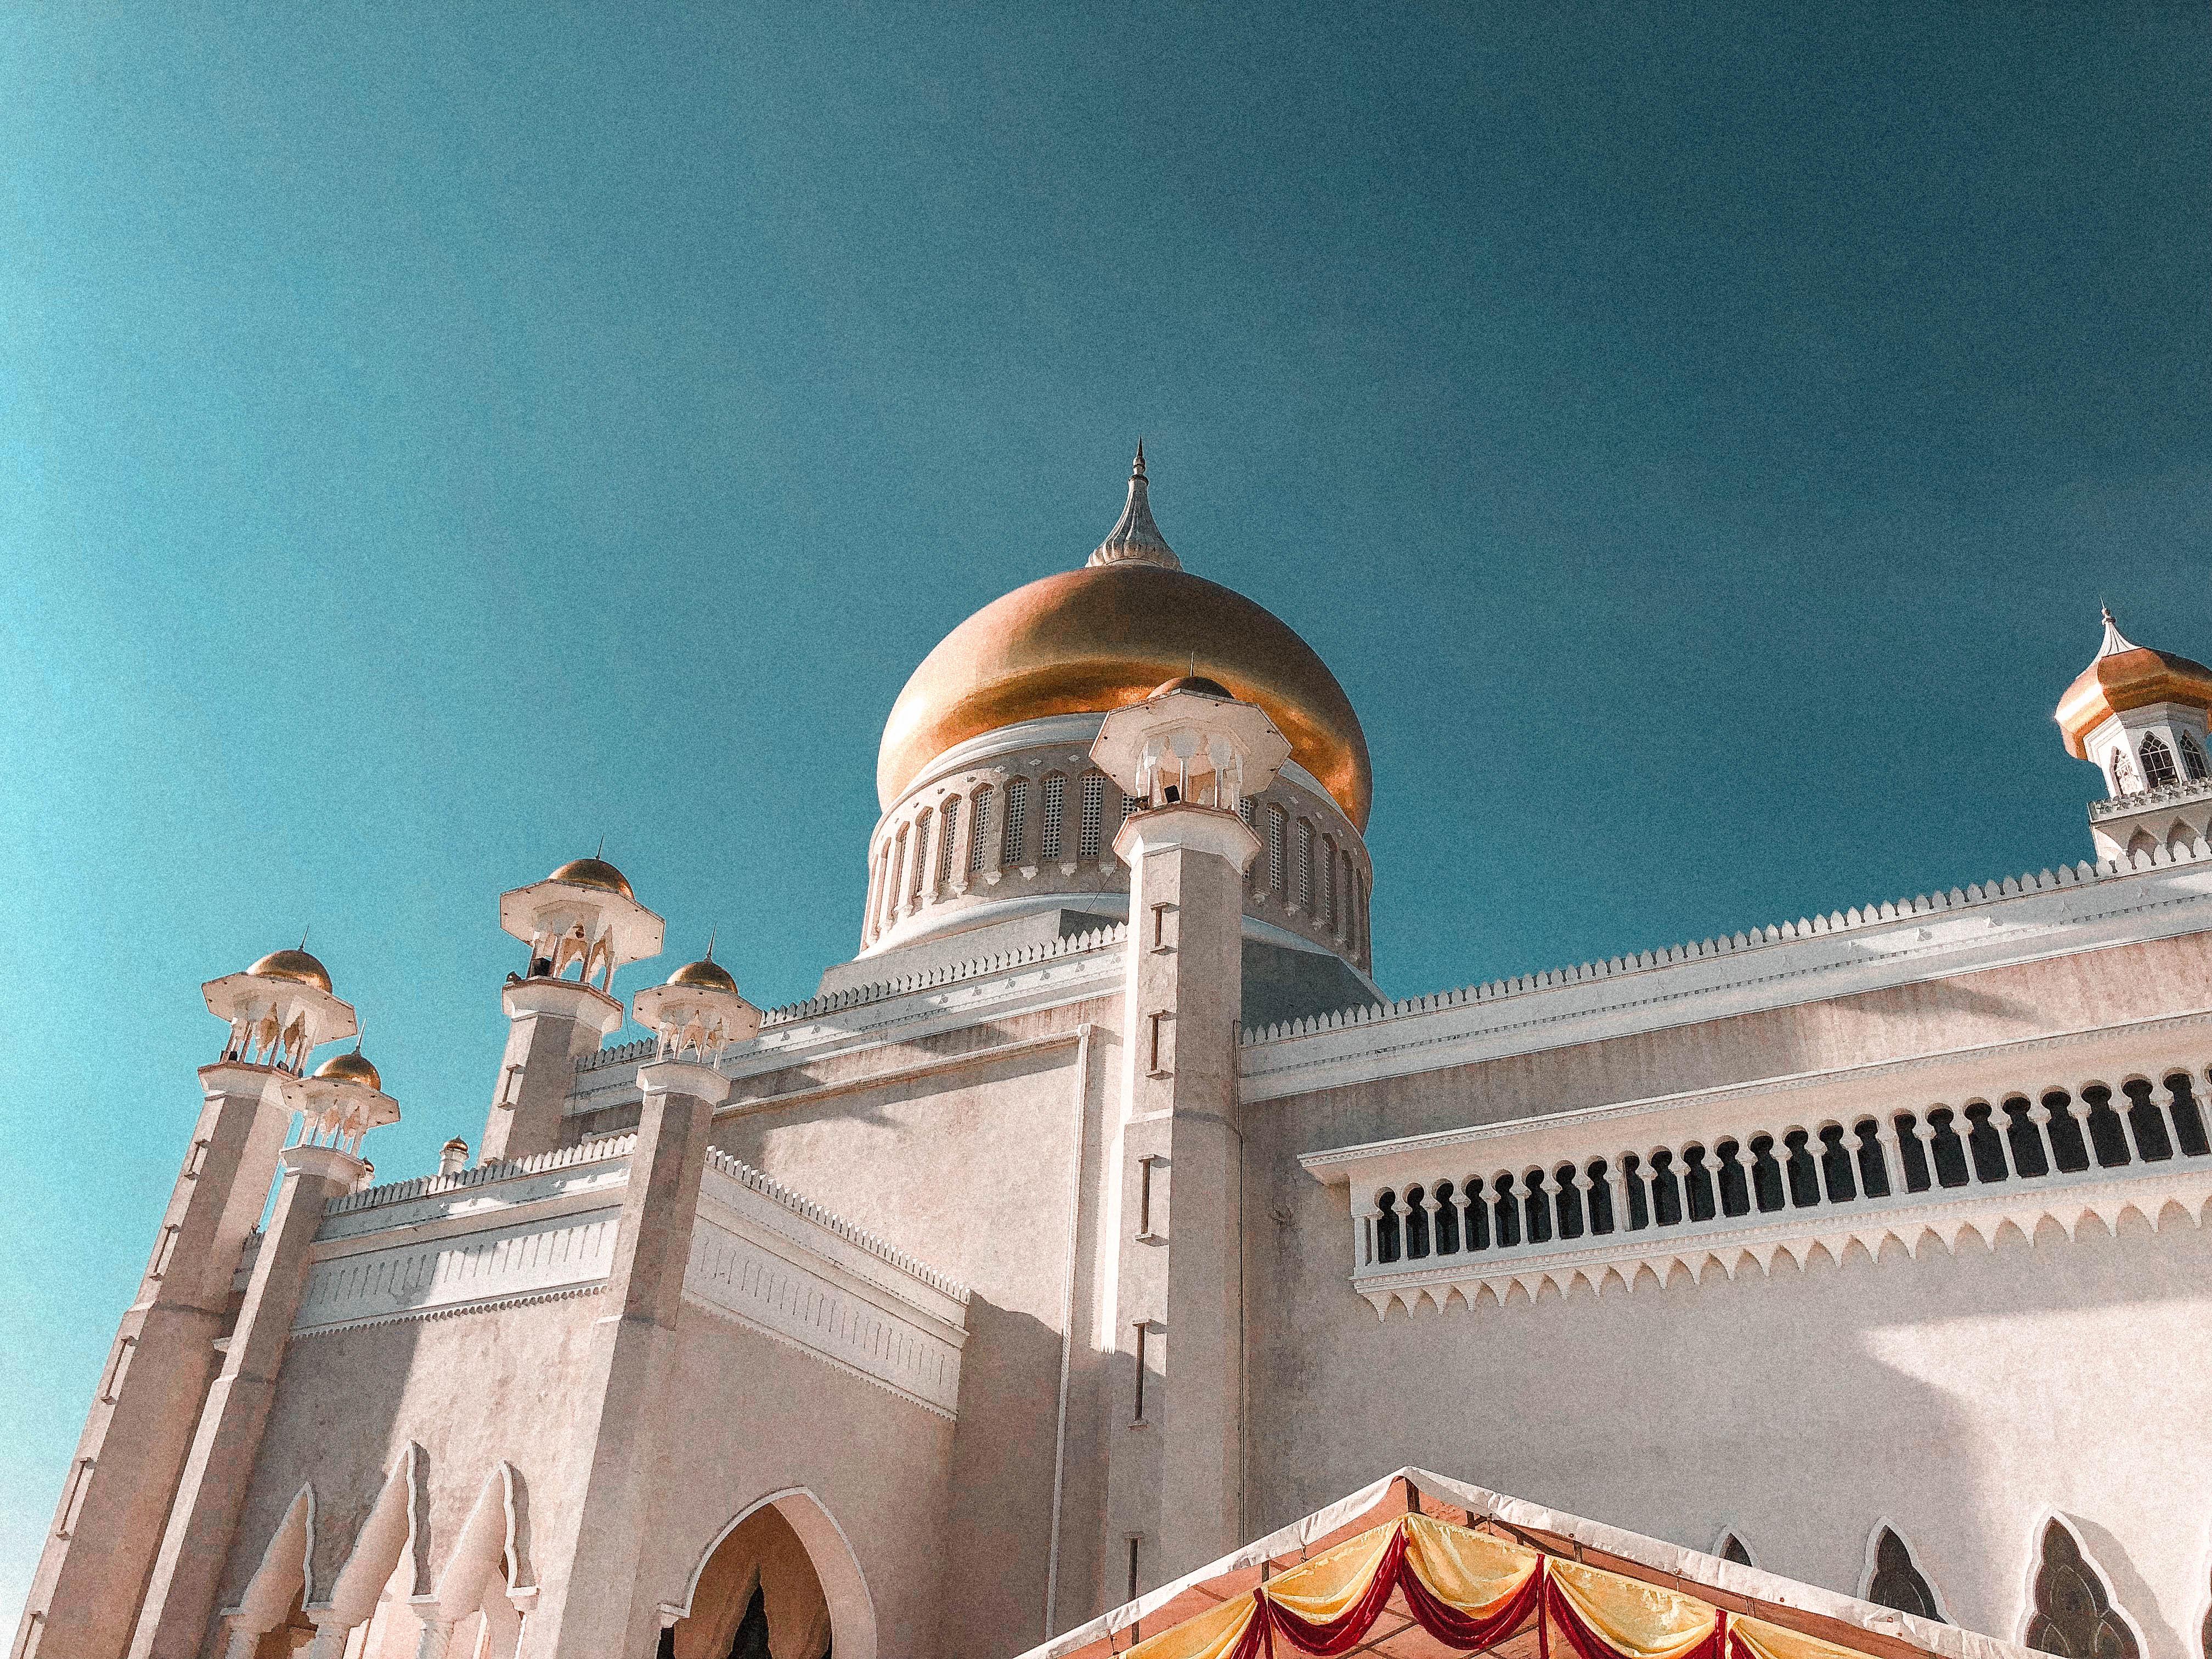 co zobaczyć w brunei? meczet